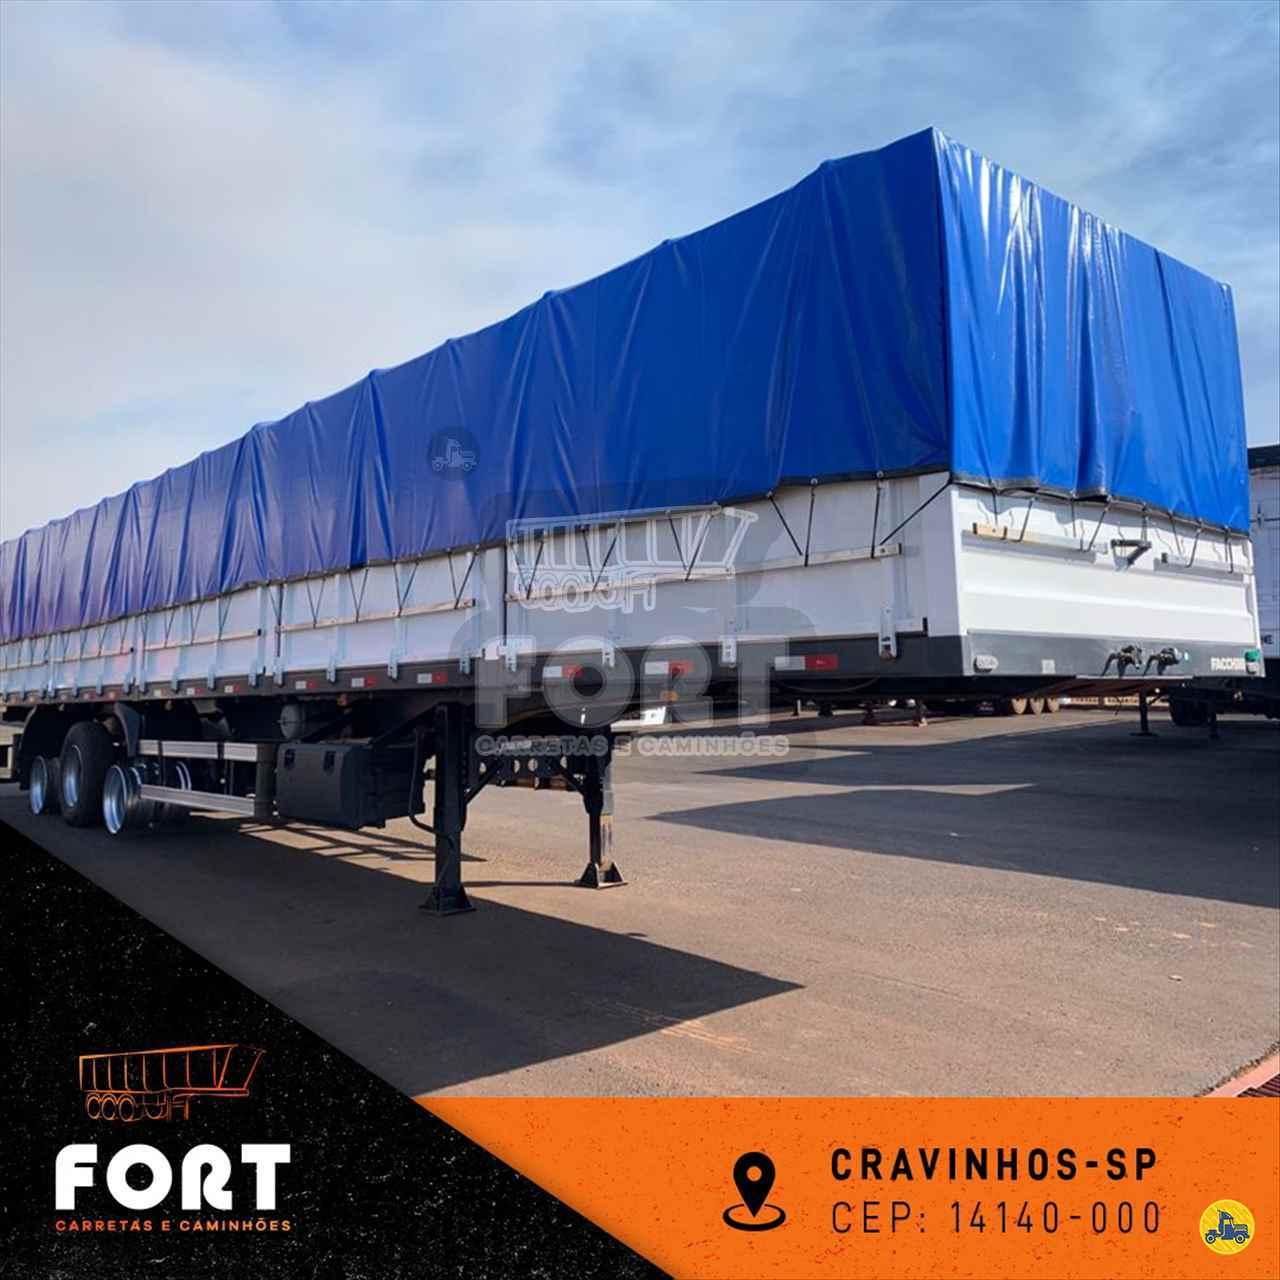 CARRETA SEMI-REBOQUE GRANELEIRO Fort Carretas e Caminhões CRAVINHOS SÃO PAULO SP